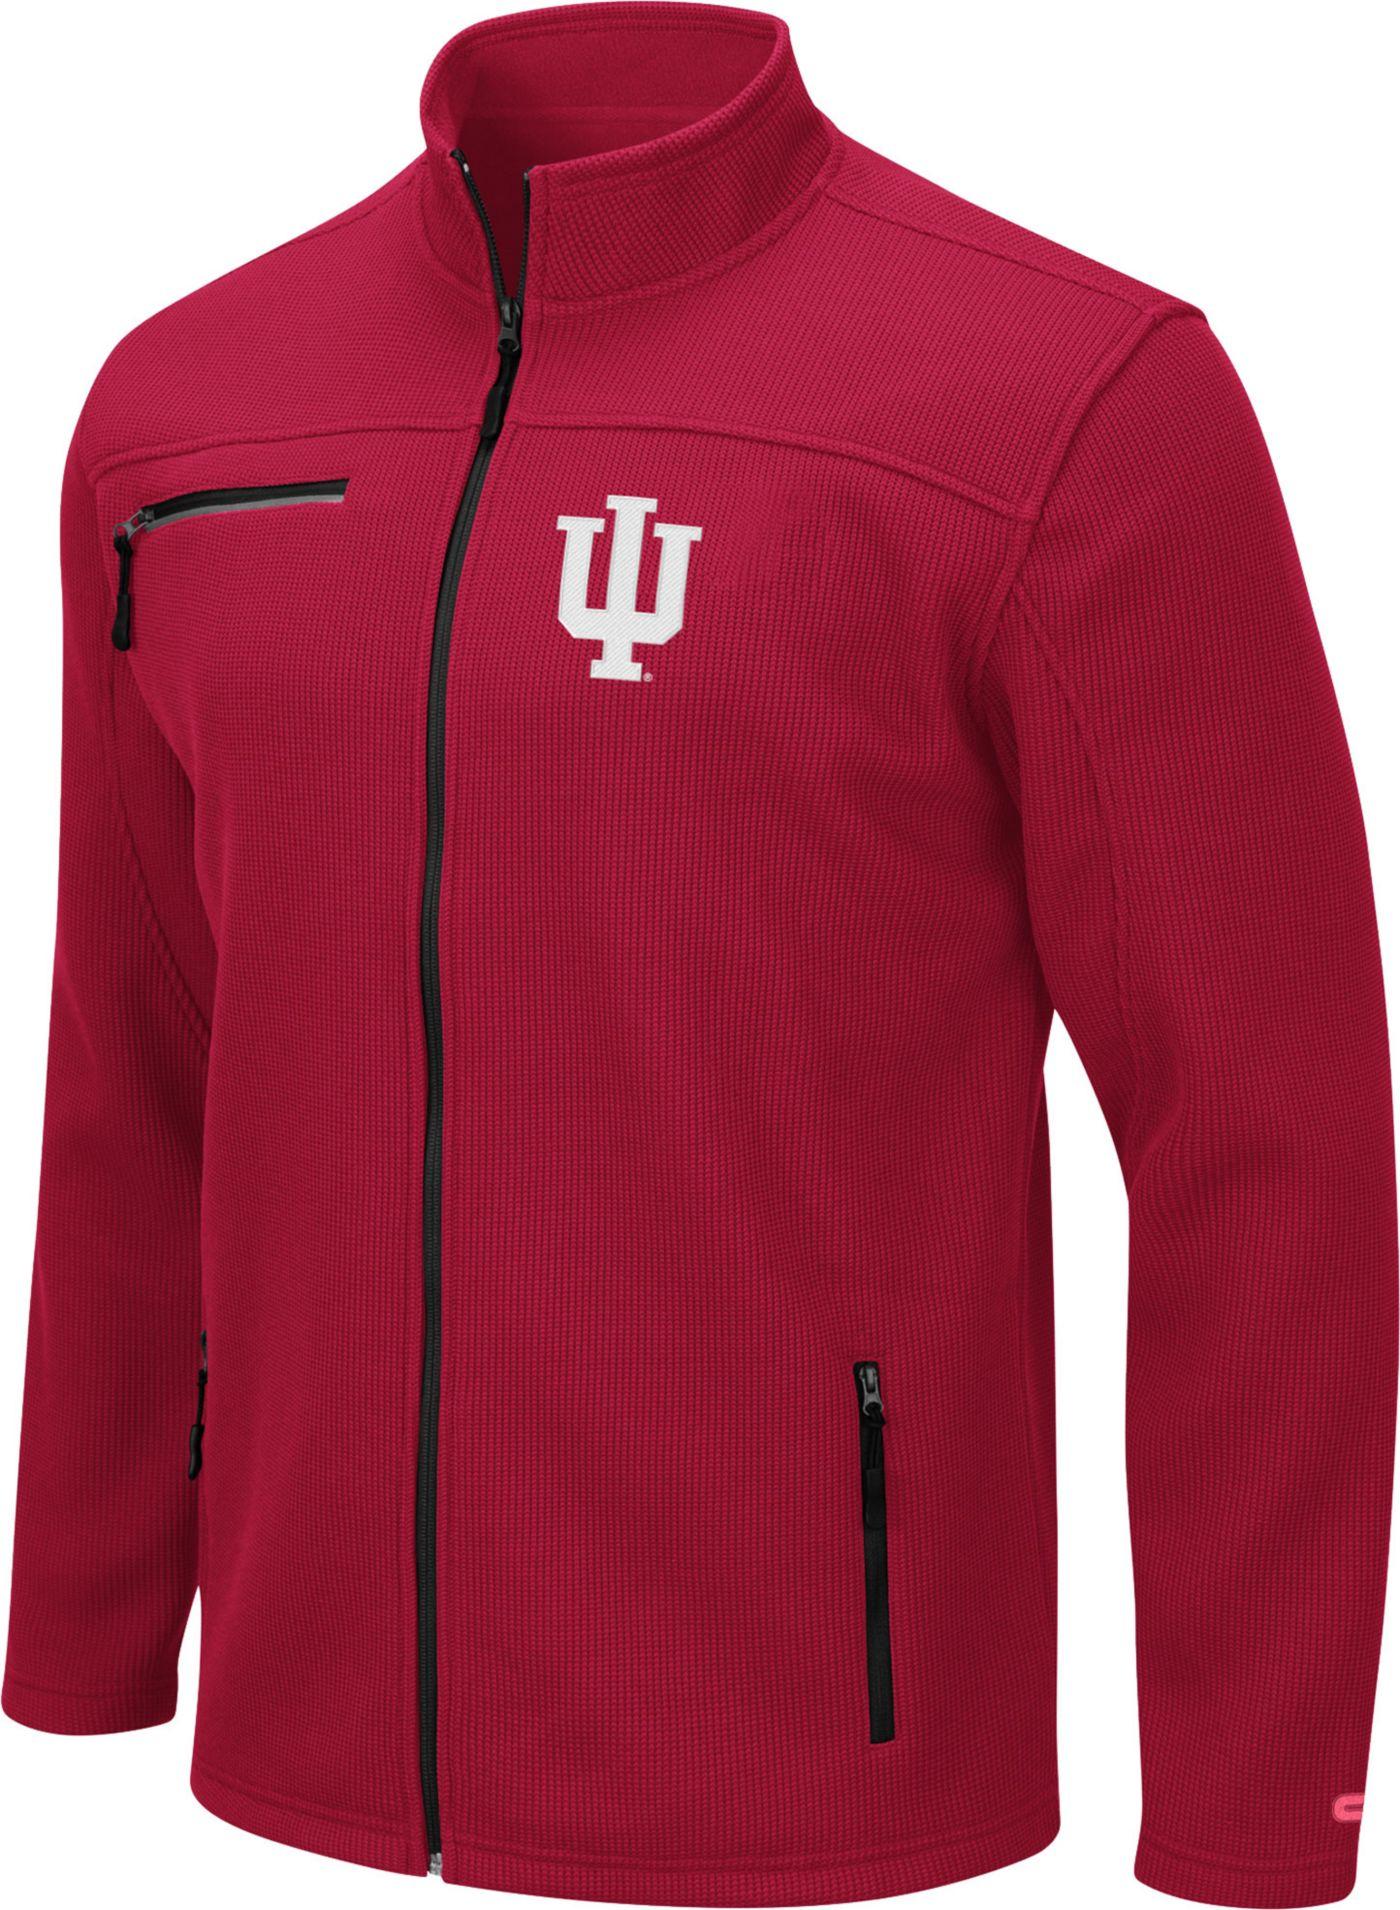 Colosseum Men's Indiana Hoosiers Crimson Willie Full-Zip Jacket